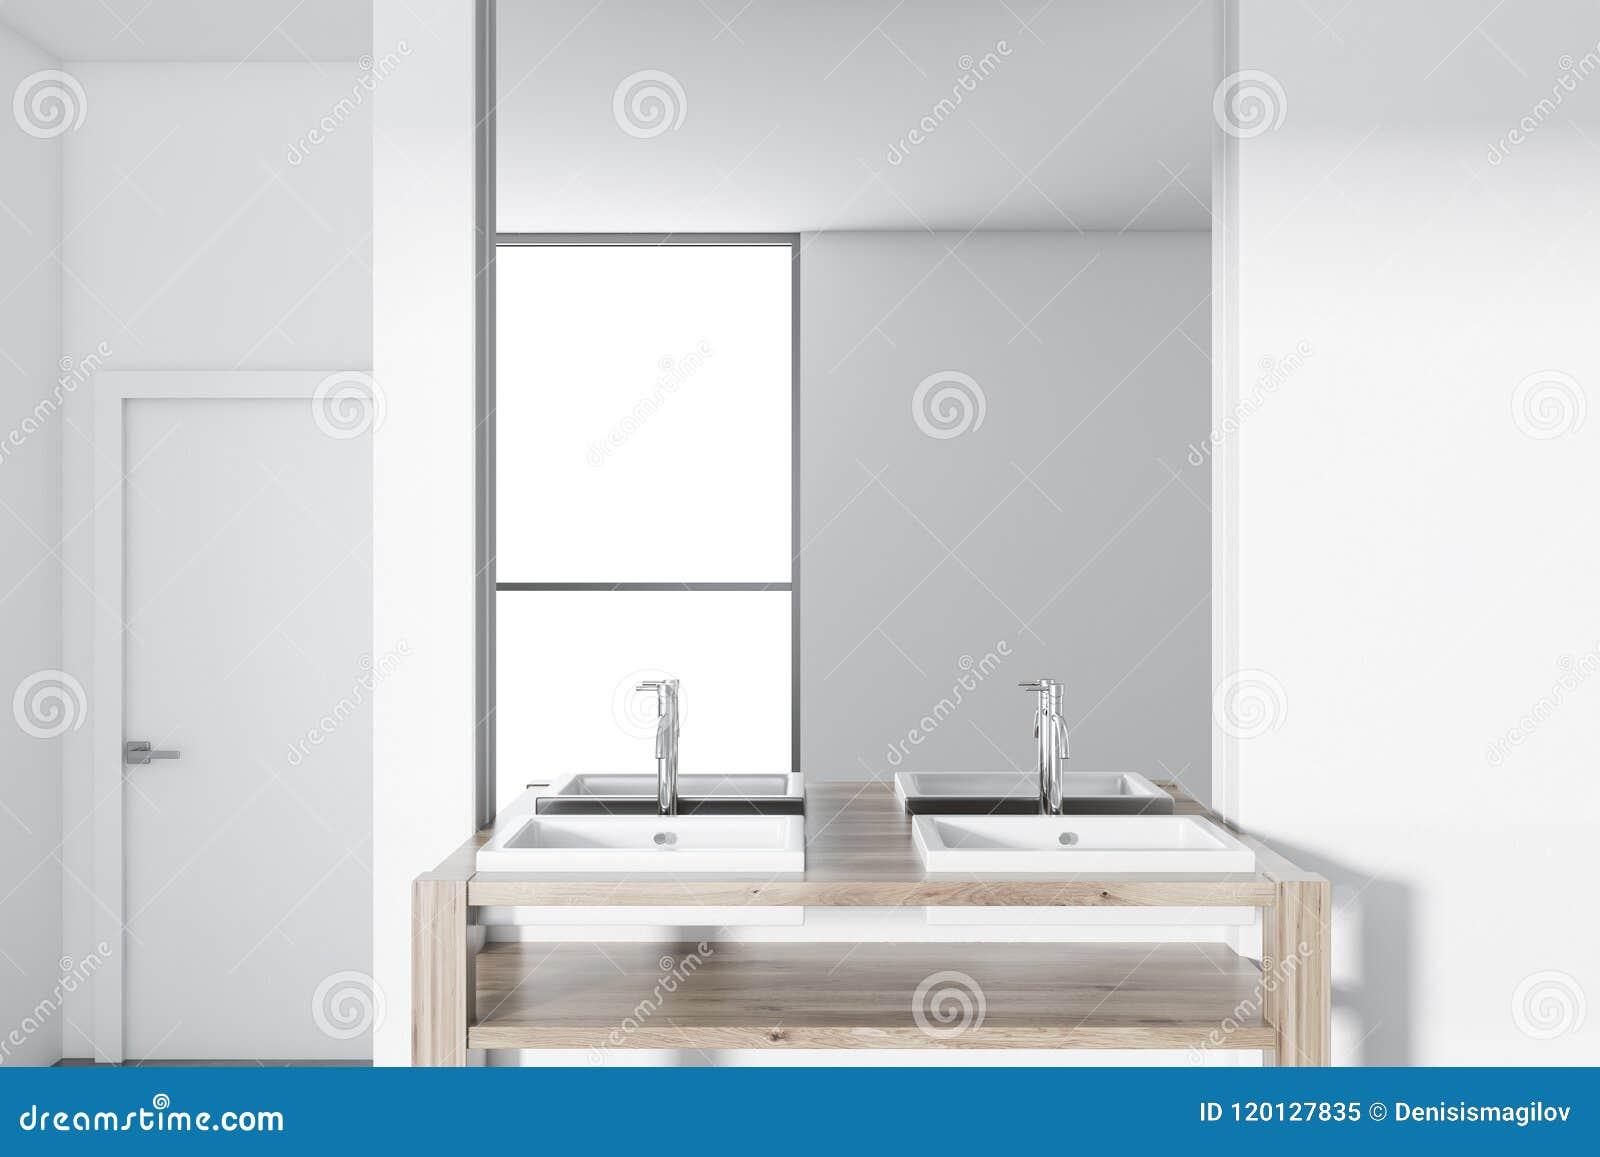 Twin Bathroom Vessel Sink Wooden Countertop Stock Image Image Of